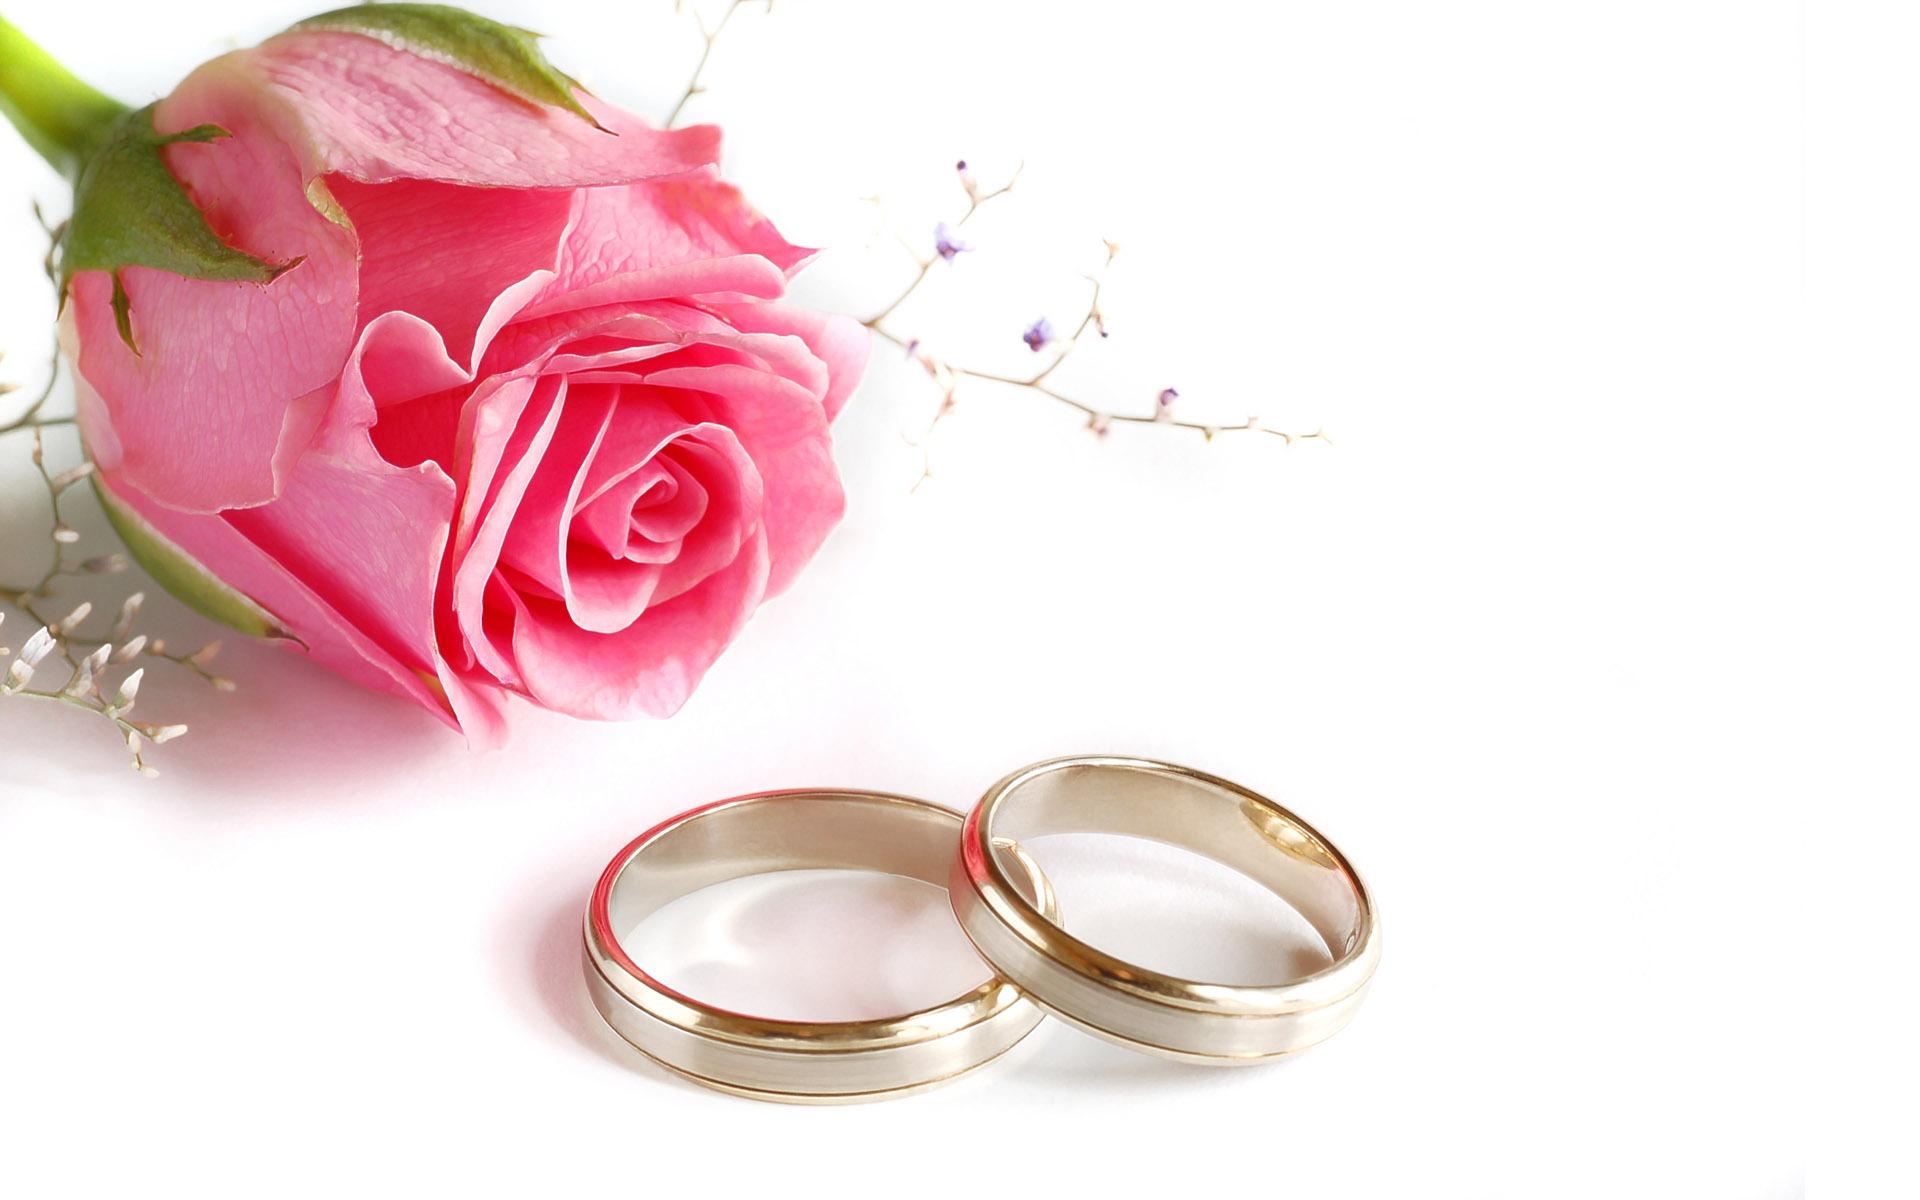 ازدواج از عوامل مهم سلامتی و نشاط